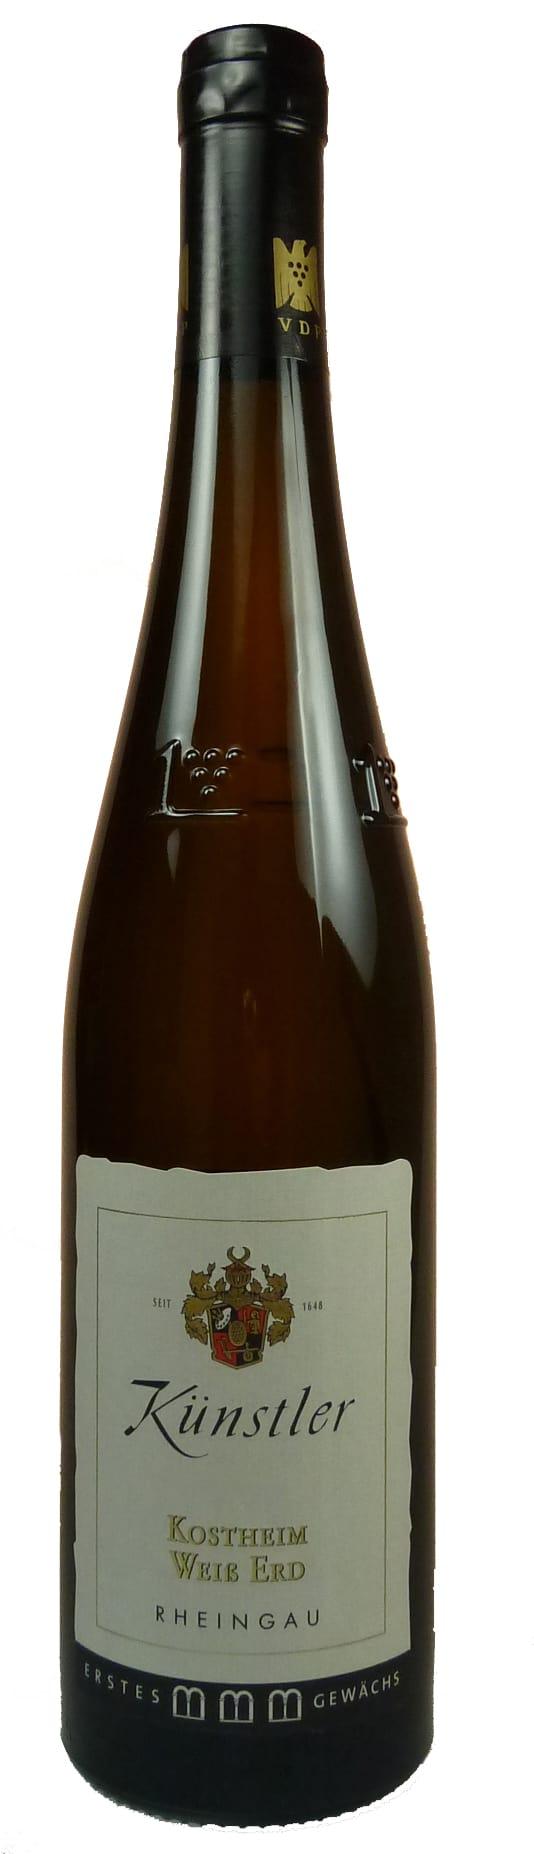 Kostheimer Weiß Erd Riesling Großes Gewächs Qualitätswein trocken 2017